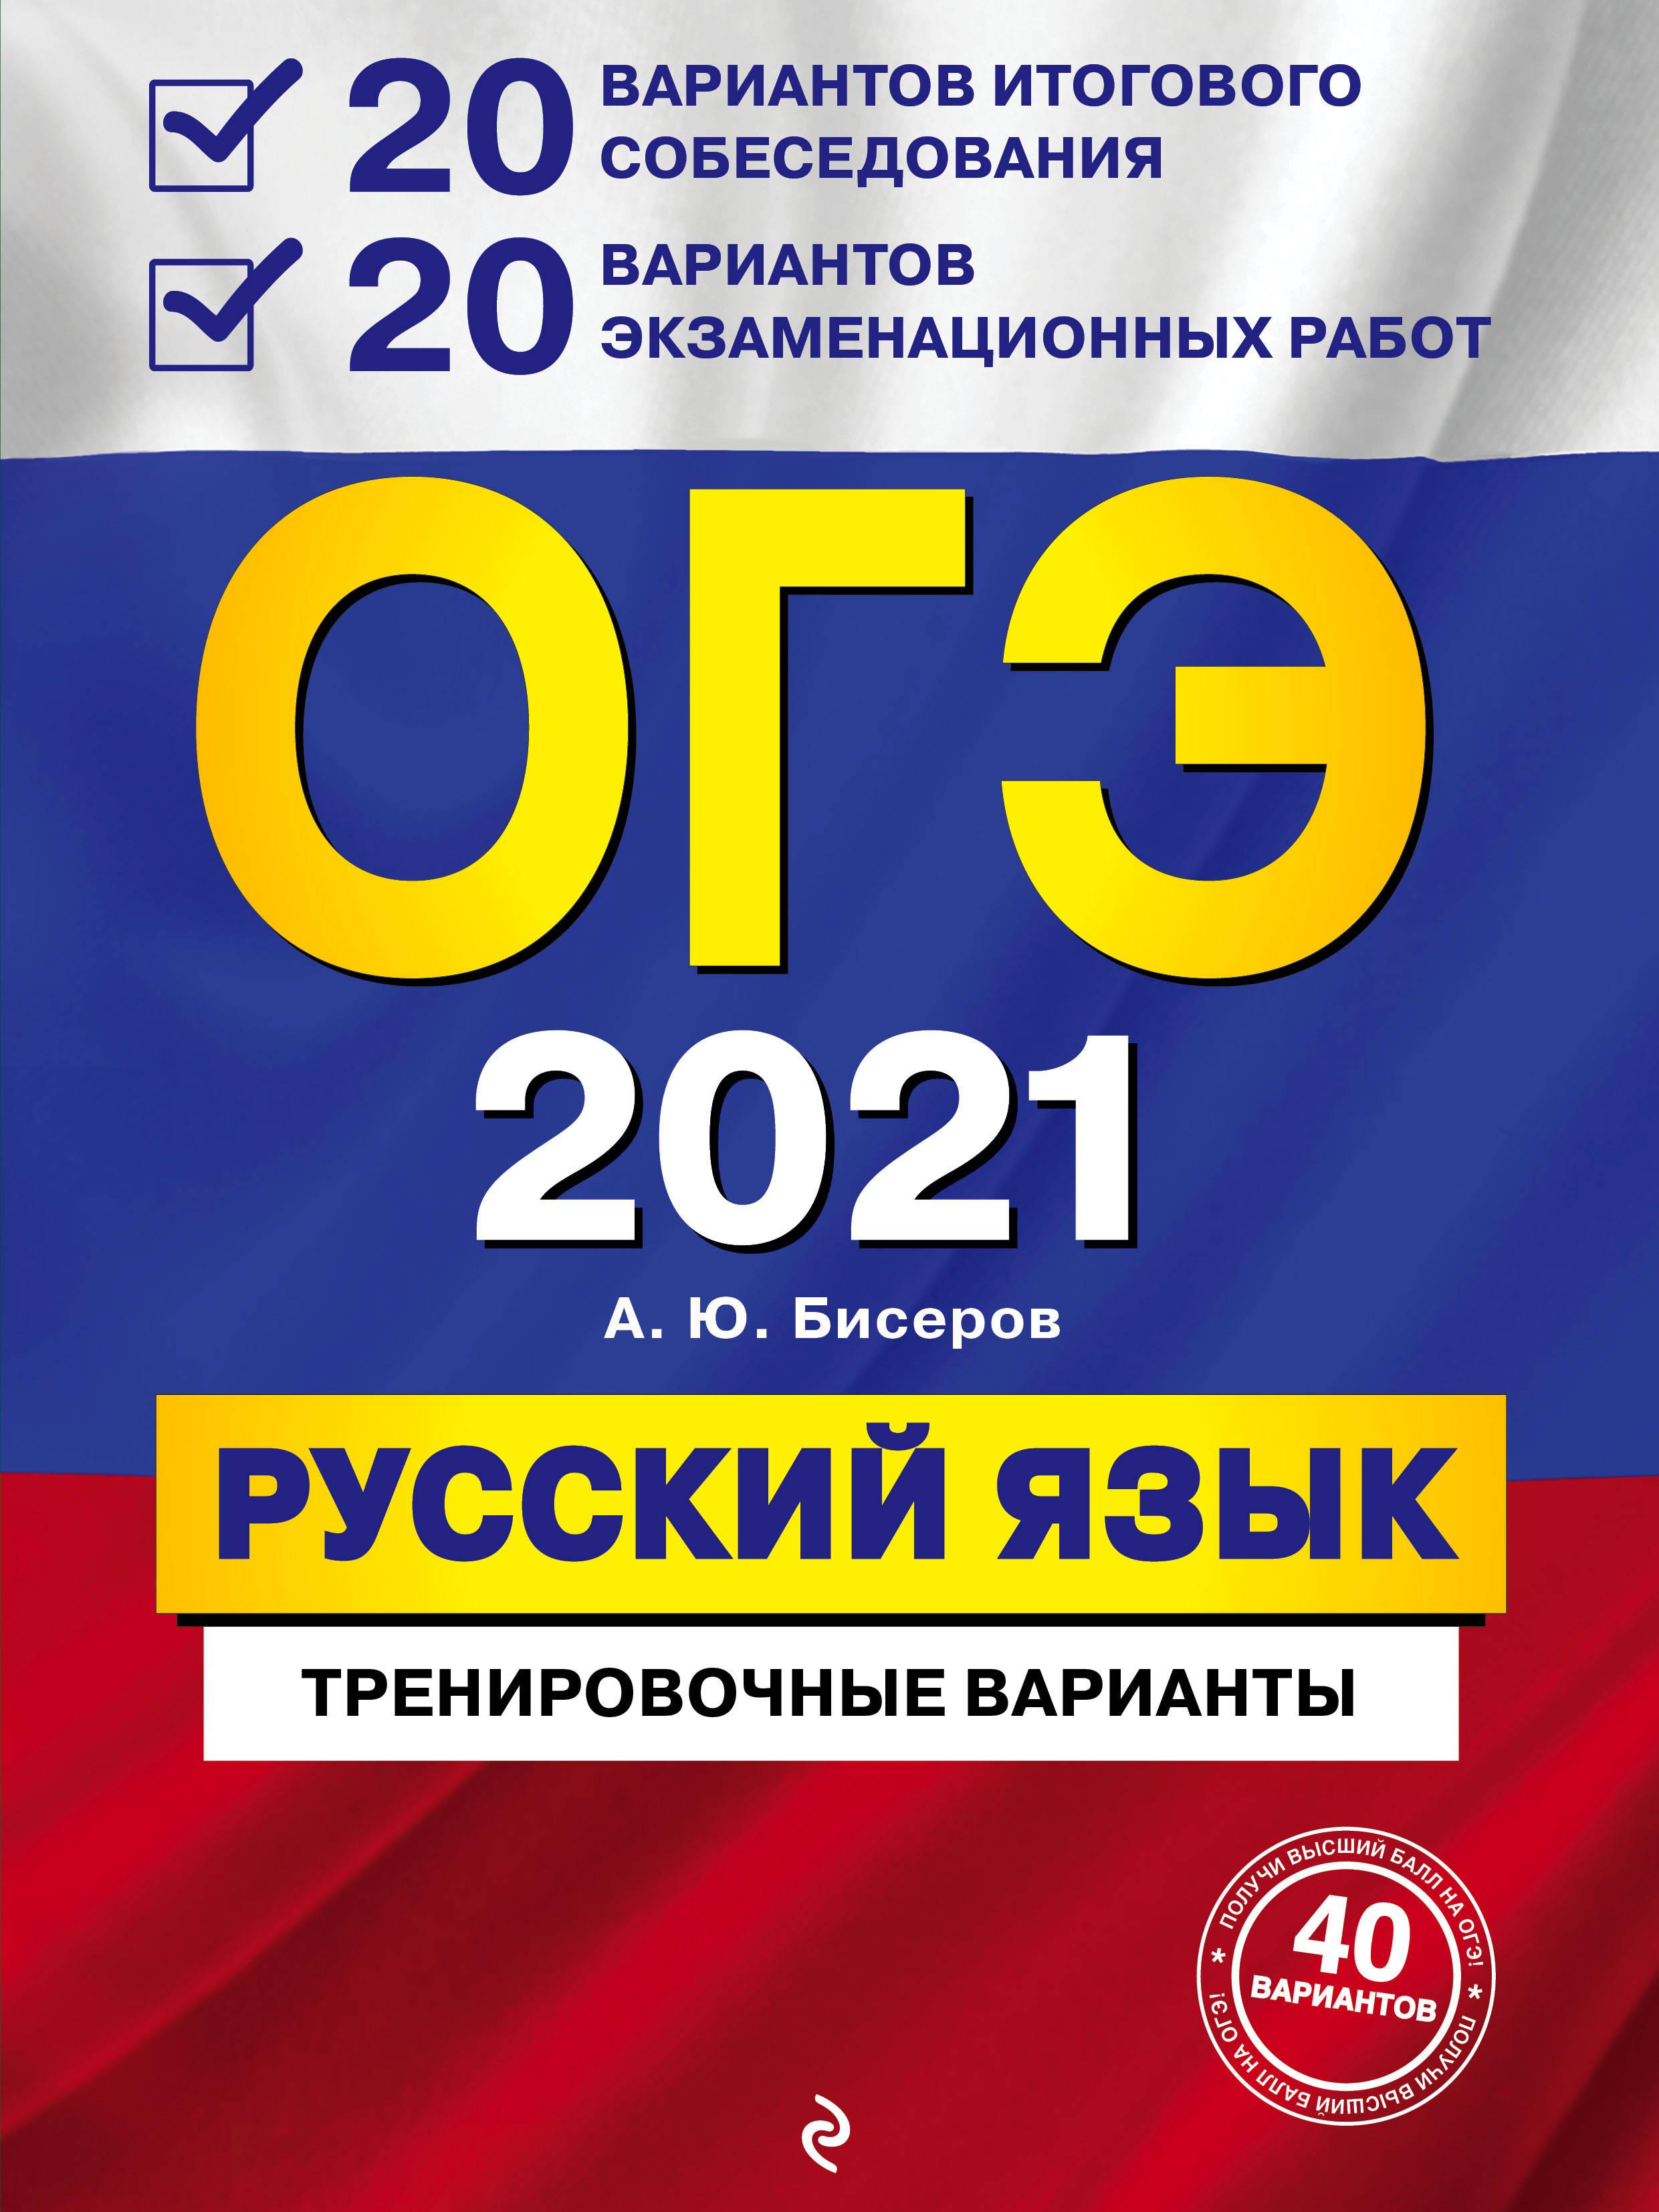 OGE-2021. Russkij jazyk. 20 variantov itogovogo sobesedovanija + 20 variantov ekzamenatsionnykh rabot.